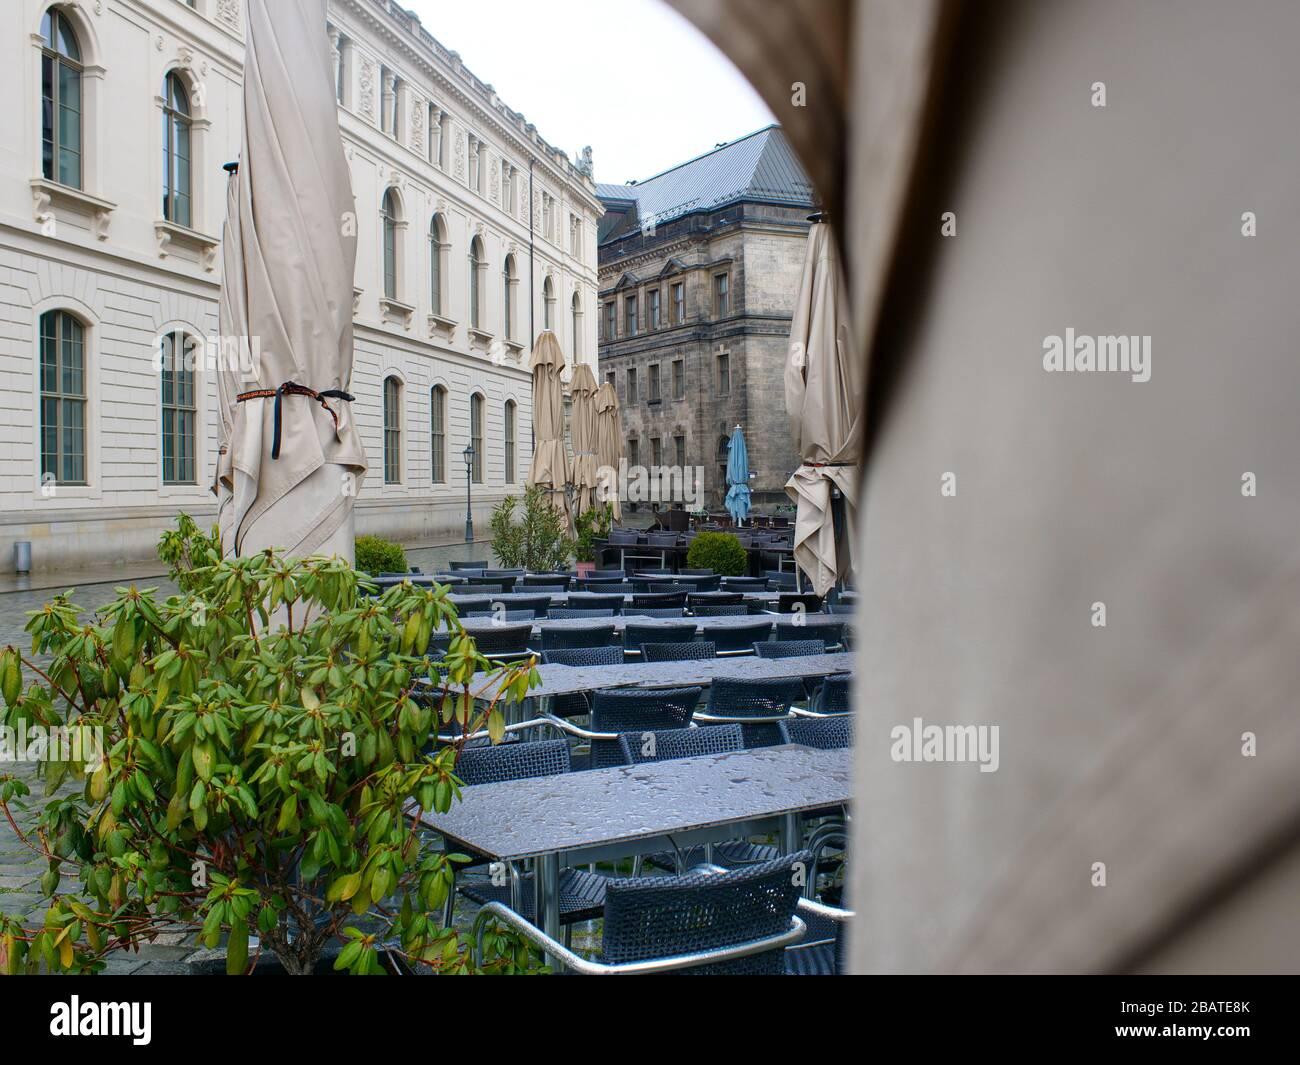 Leere Tische und Stühle in Dresden wegen Coronavirus Lockdown COVID-19 leeres Restaurant Gastronomie Stock Photo